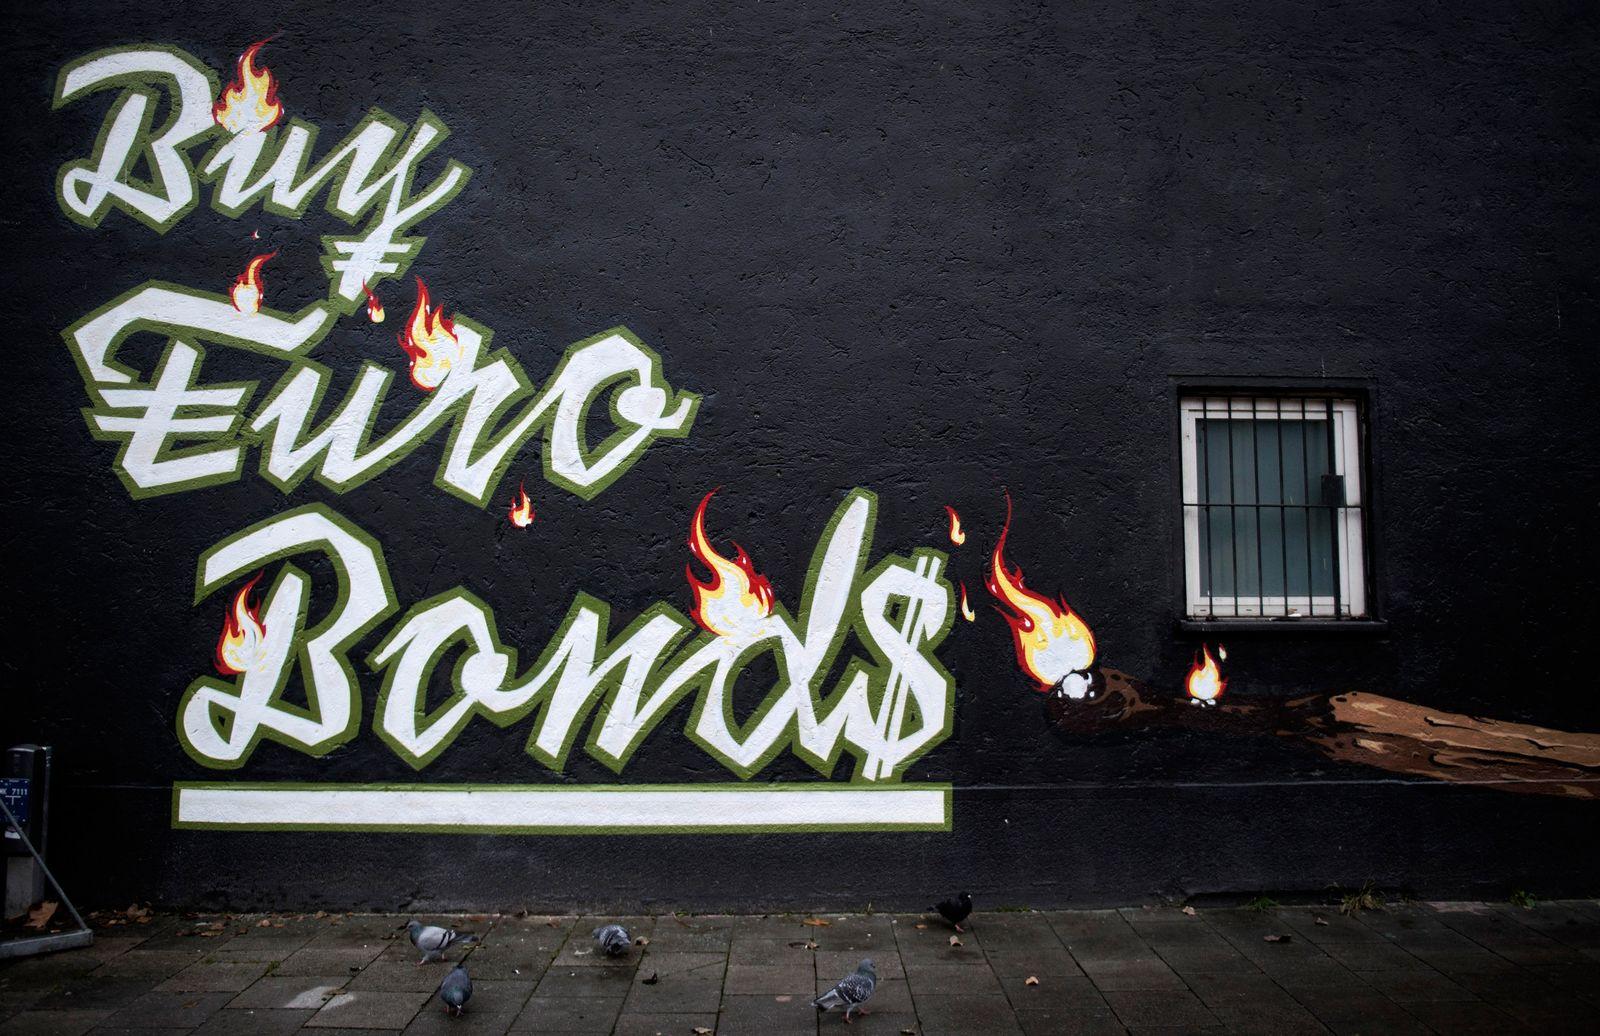 Deutschland-Bonds statt Euro-Bonds